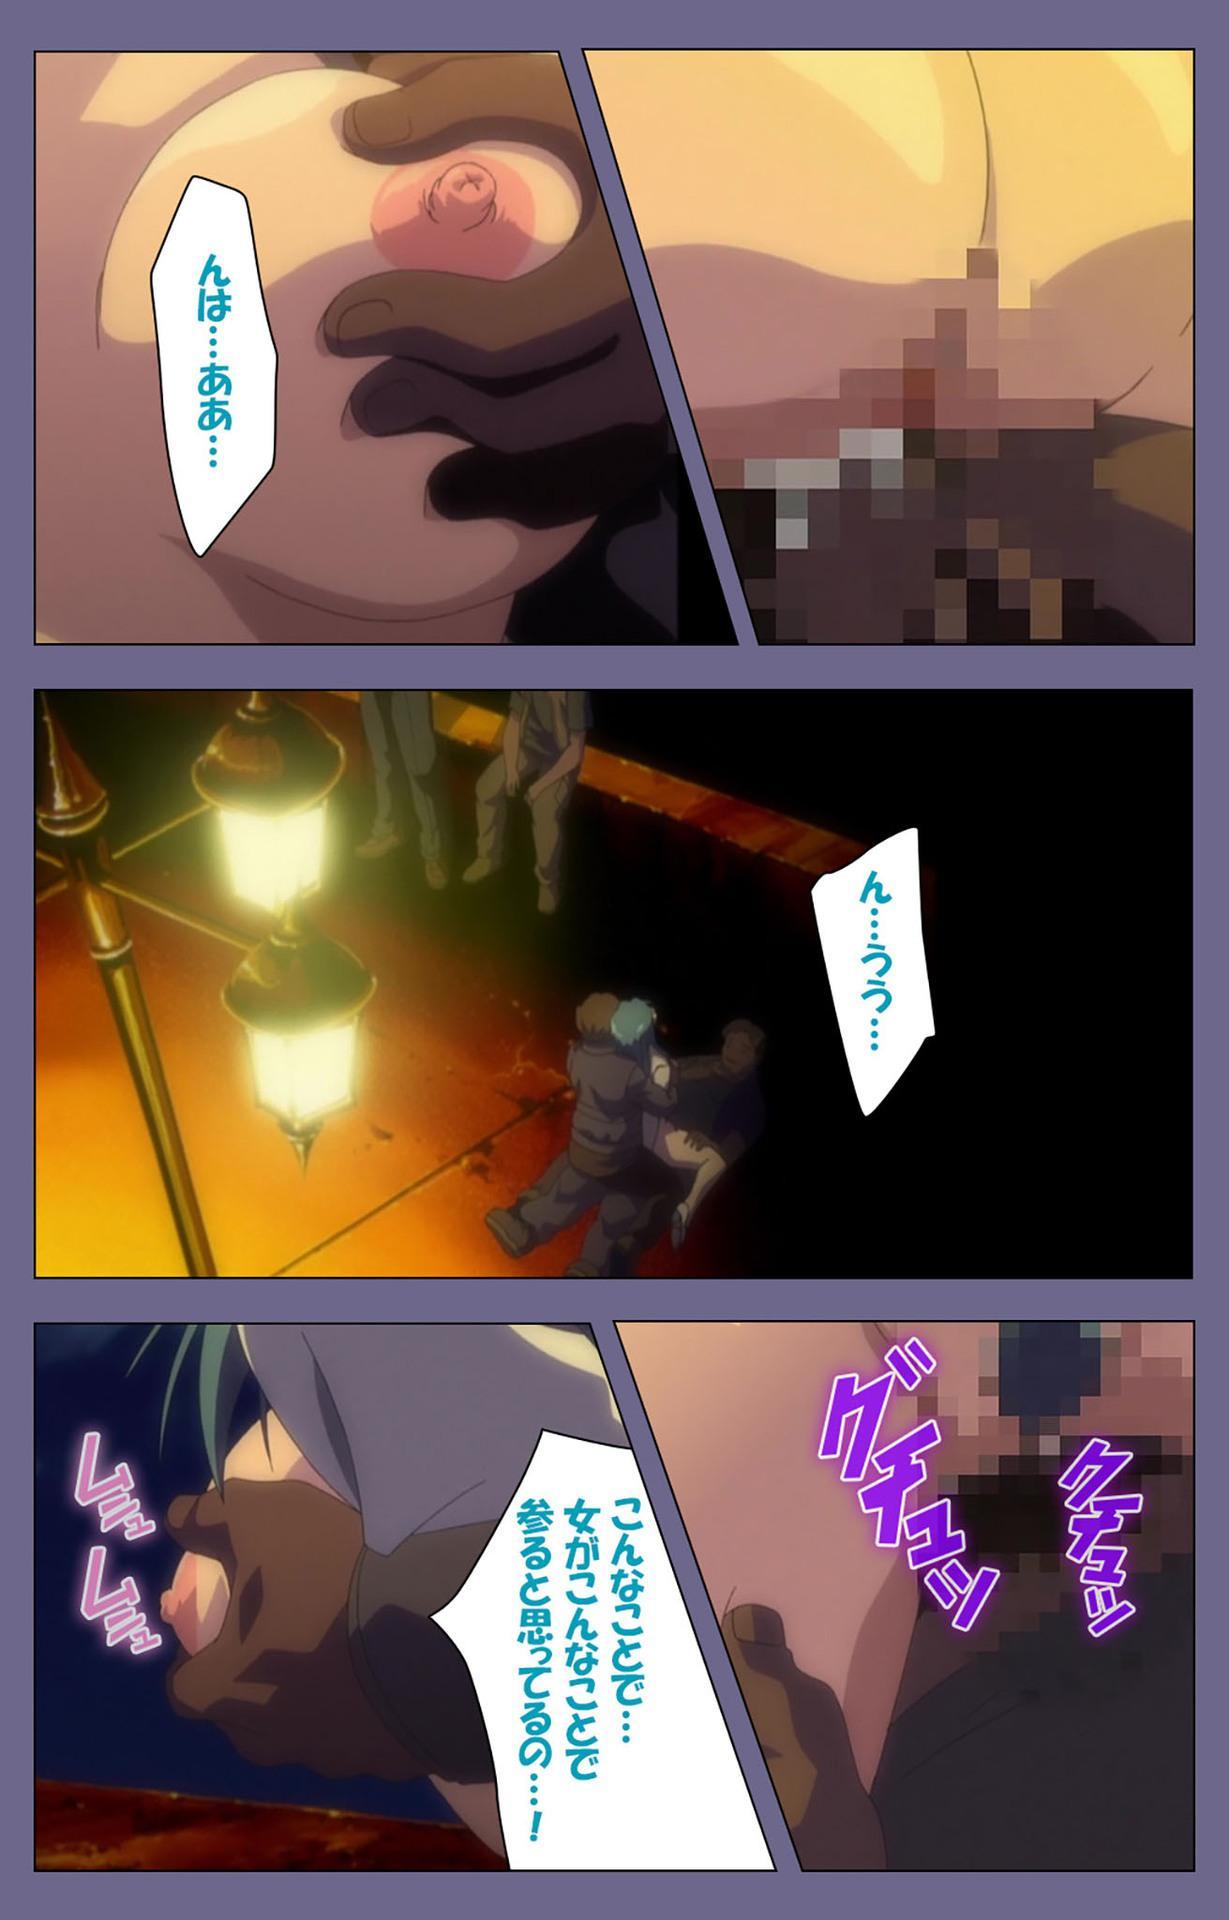 Itazura kanzenhan 194